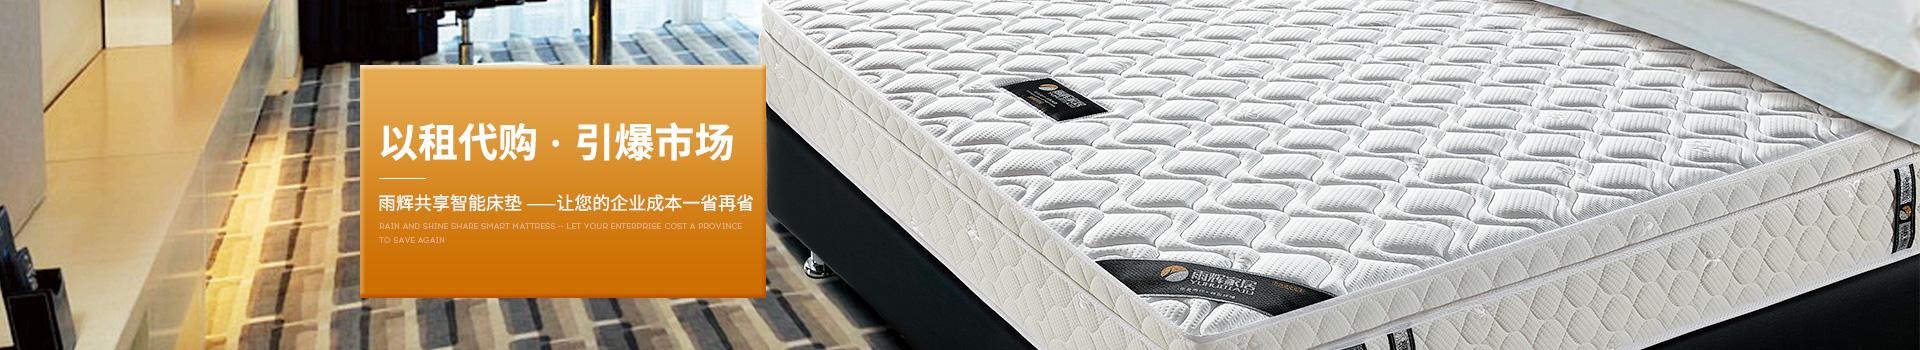 雨辉共享智能床垫 让您的企业成本一省再省